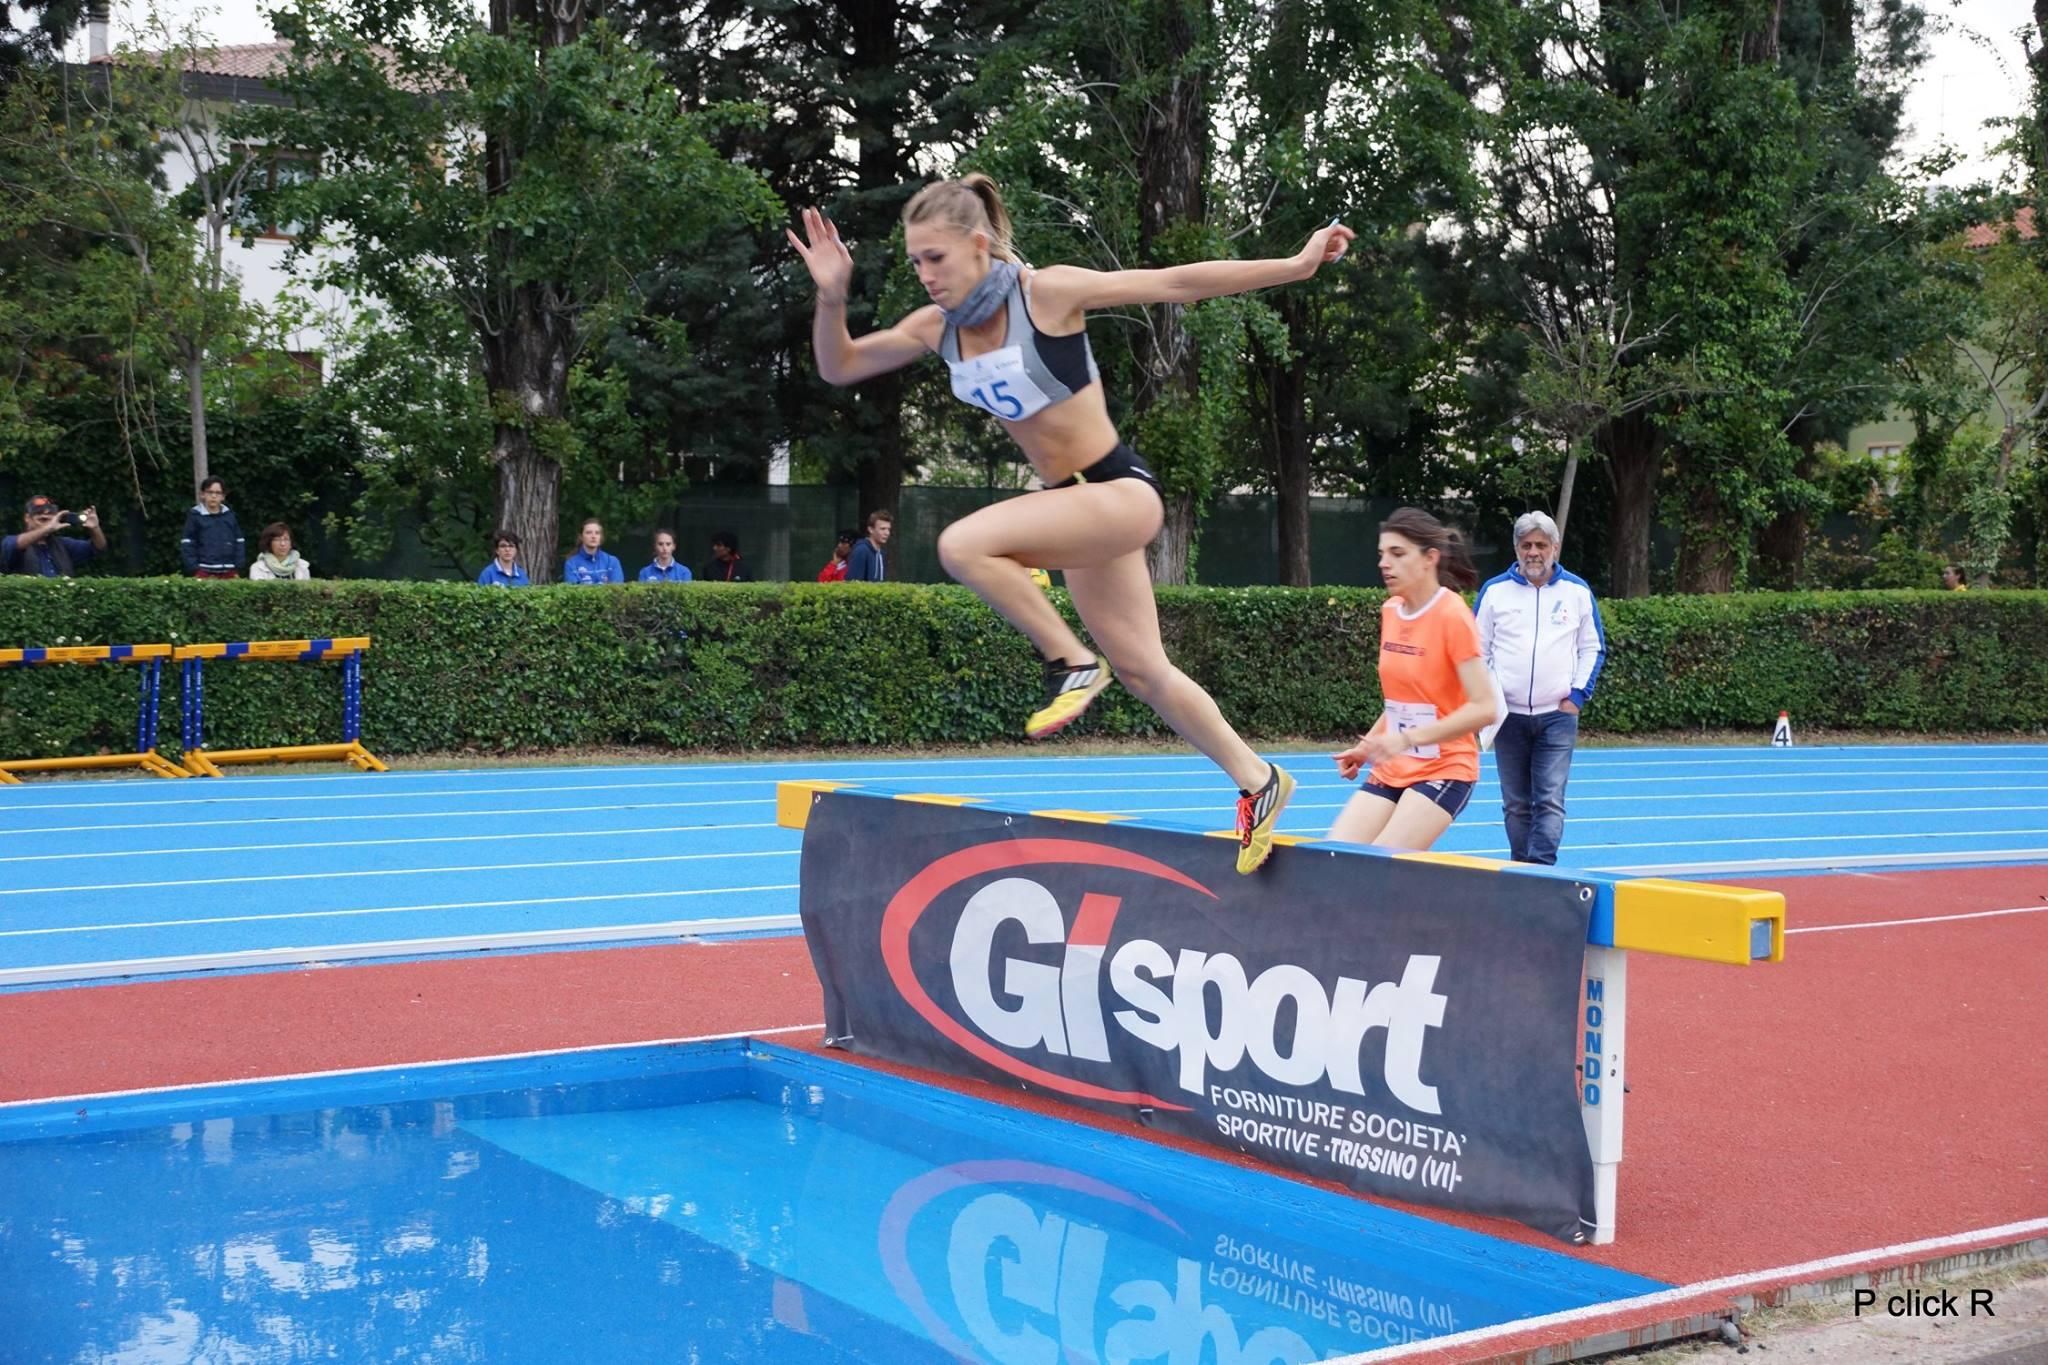 Giulia Schiff